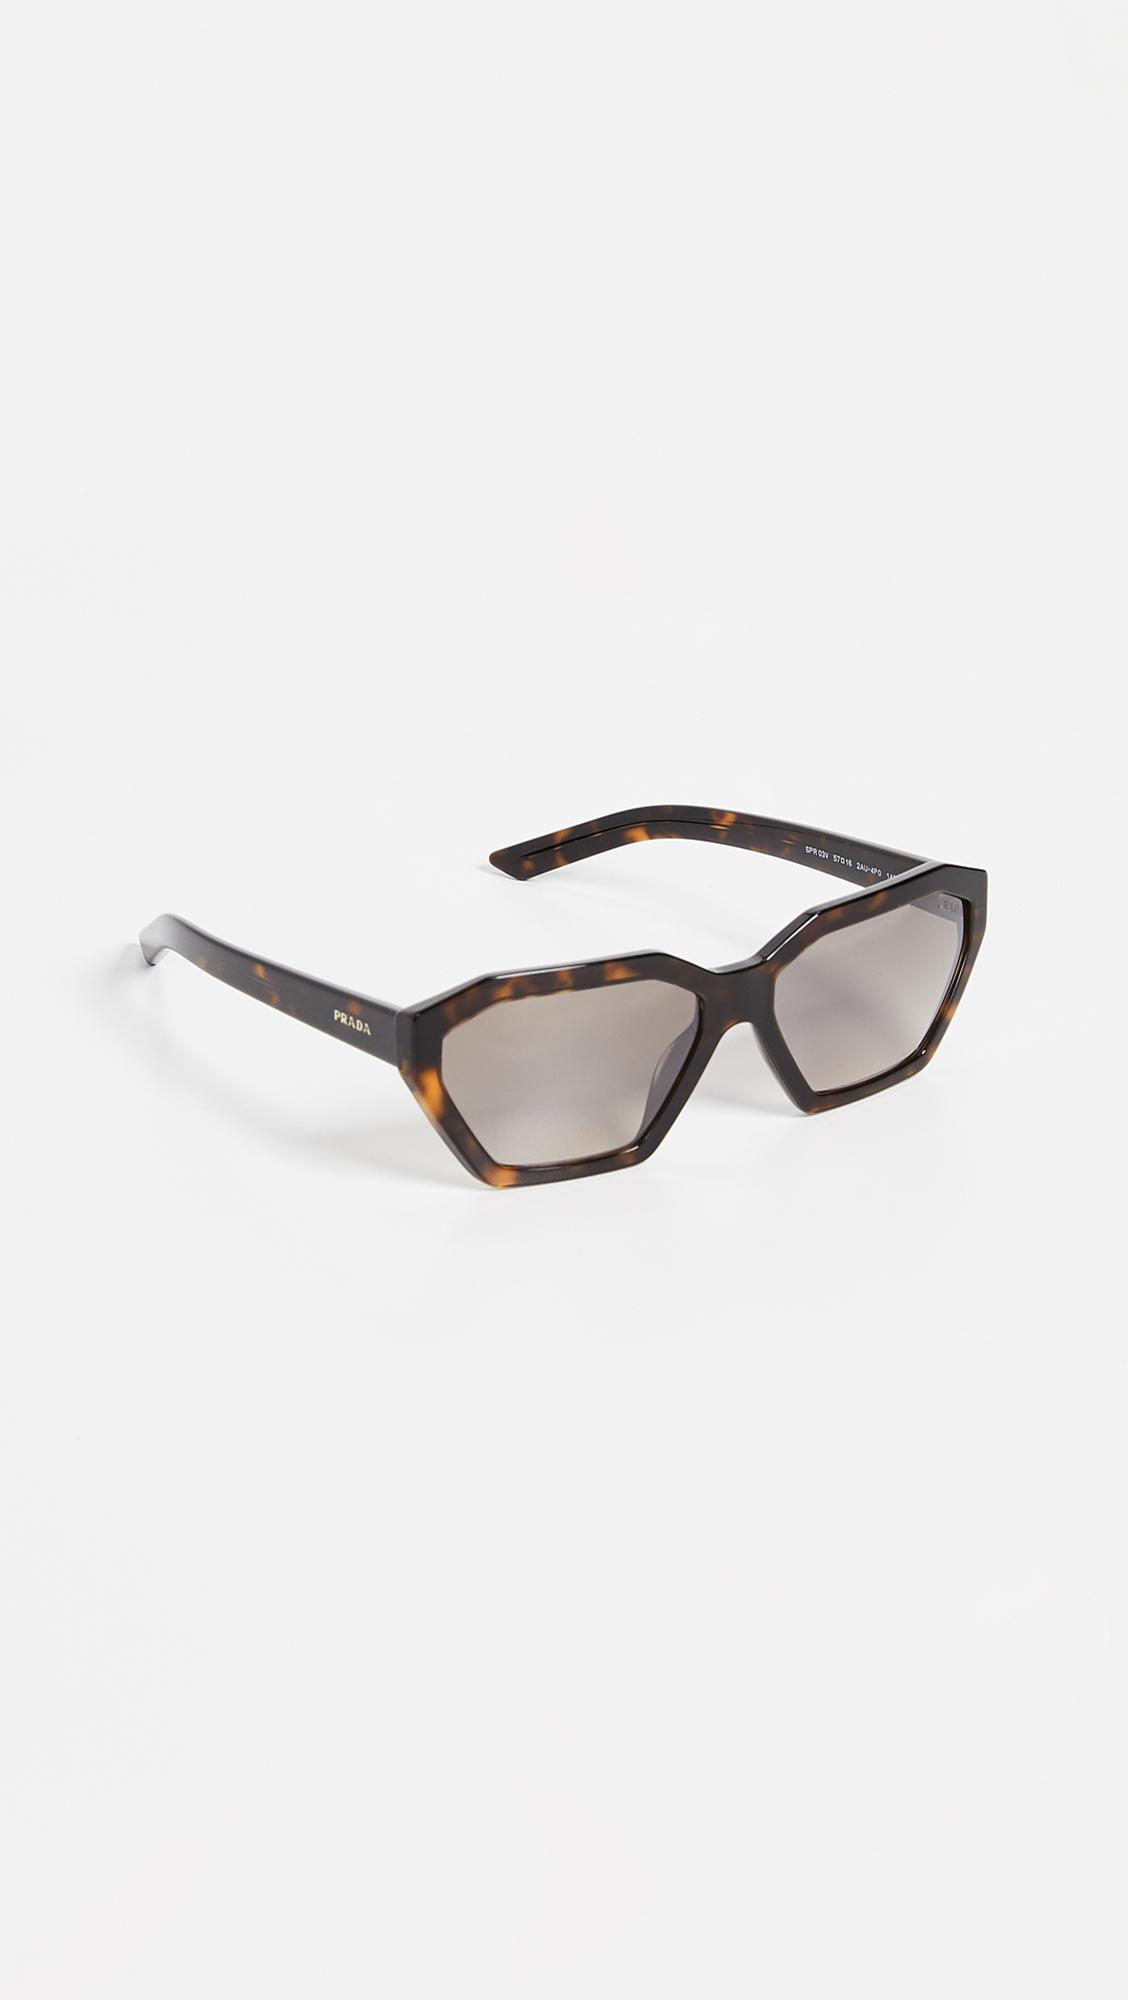 67db849c12b0a Prada PR 03VS Millennial Geometric Sunglasses